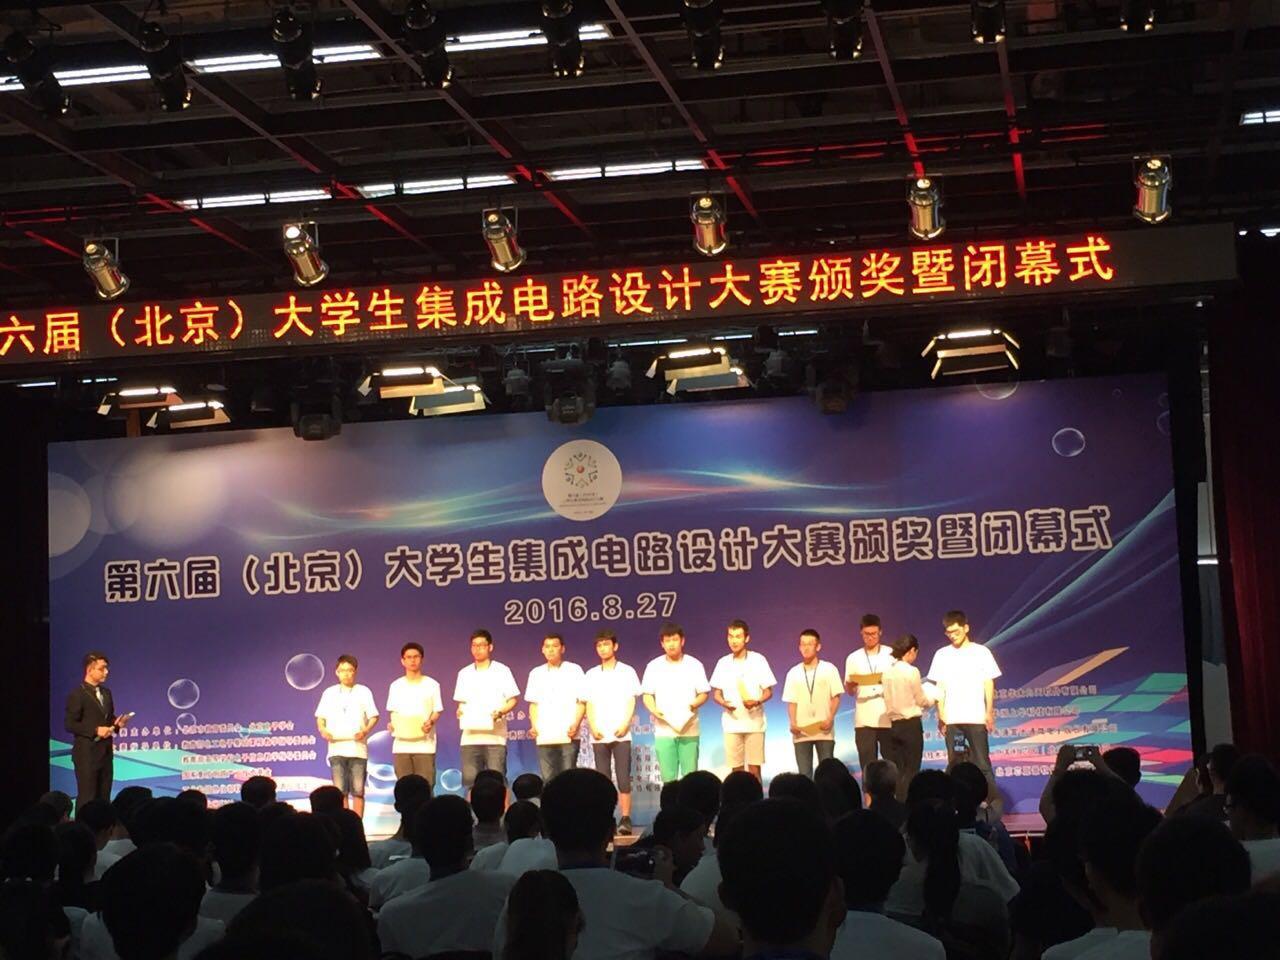 第六届(2016)大学生集成电路设计大赛获奖名单